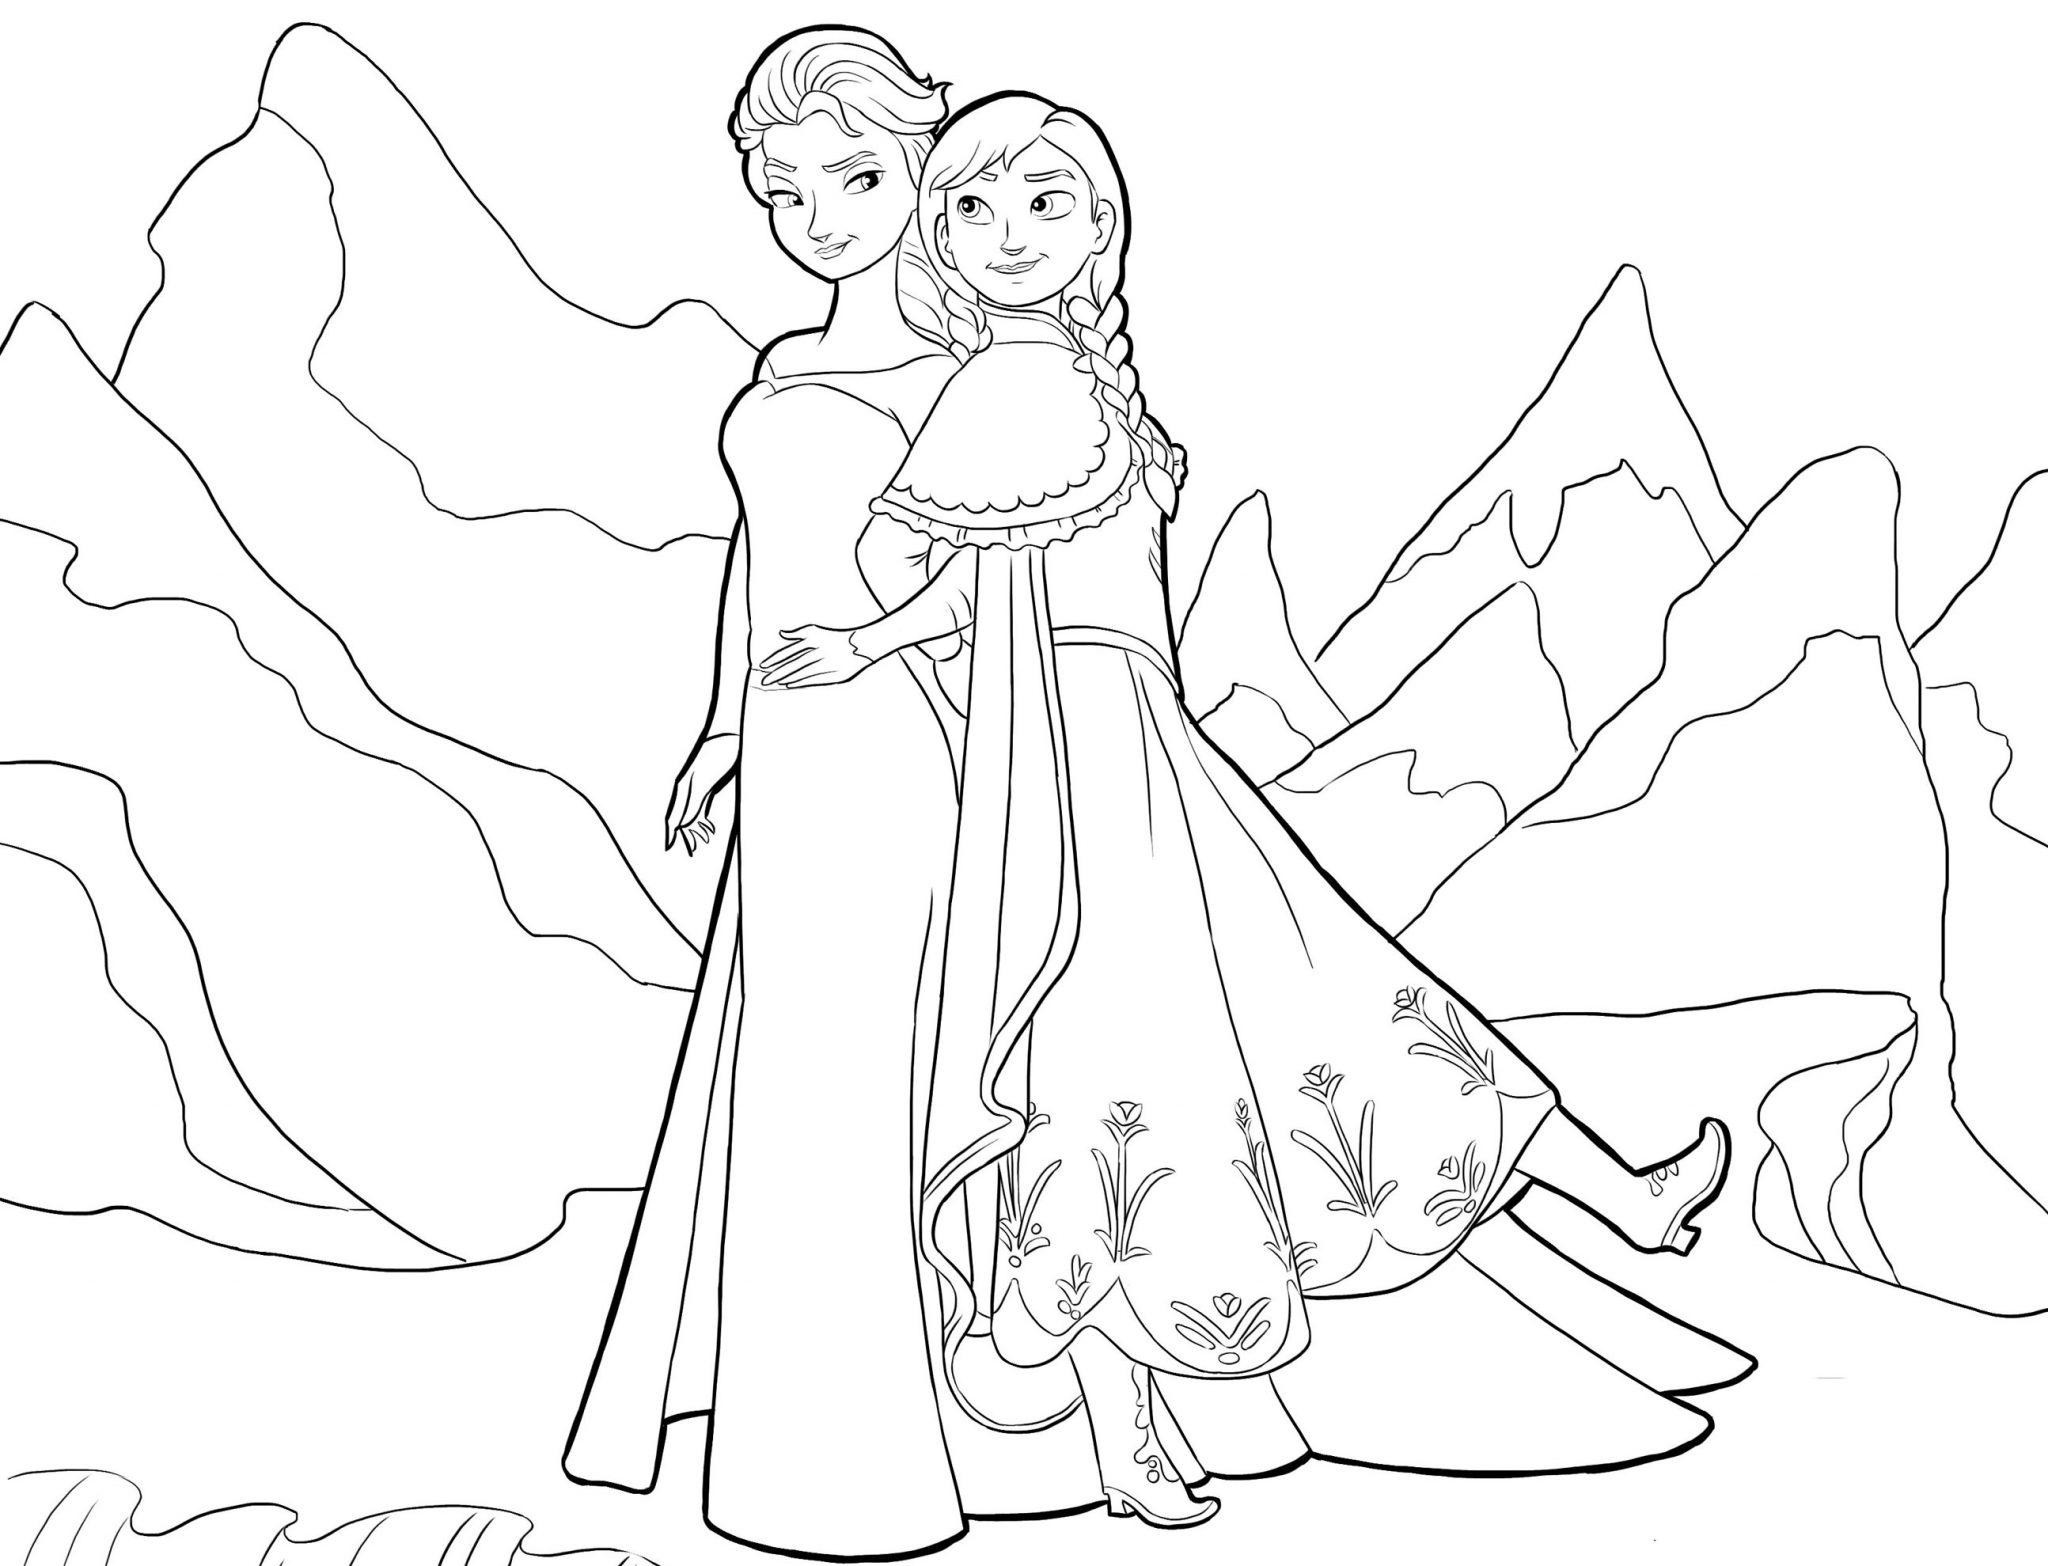 Gambar Mewarnai Elsa Frozen